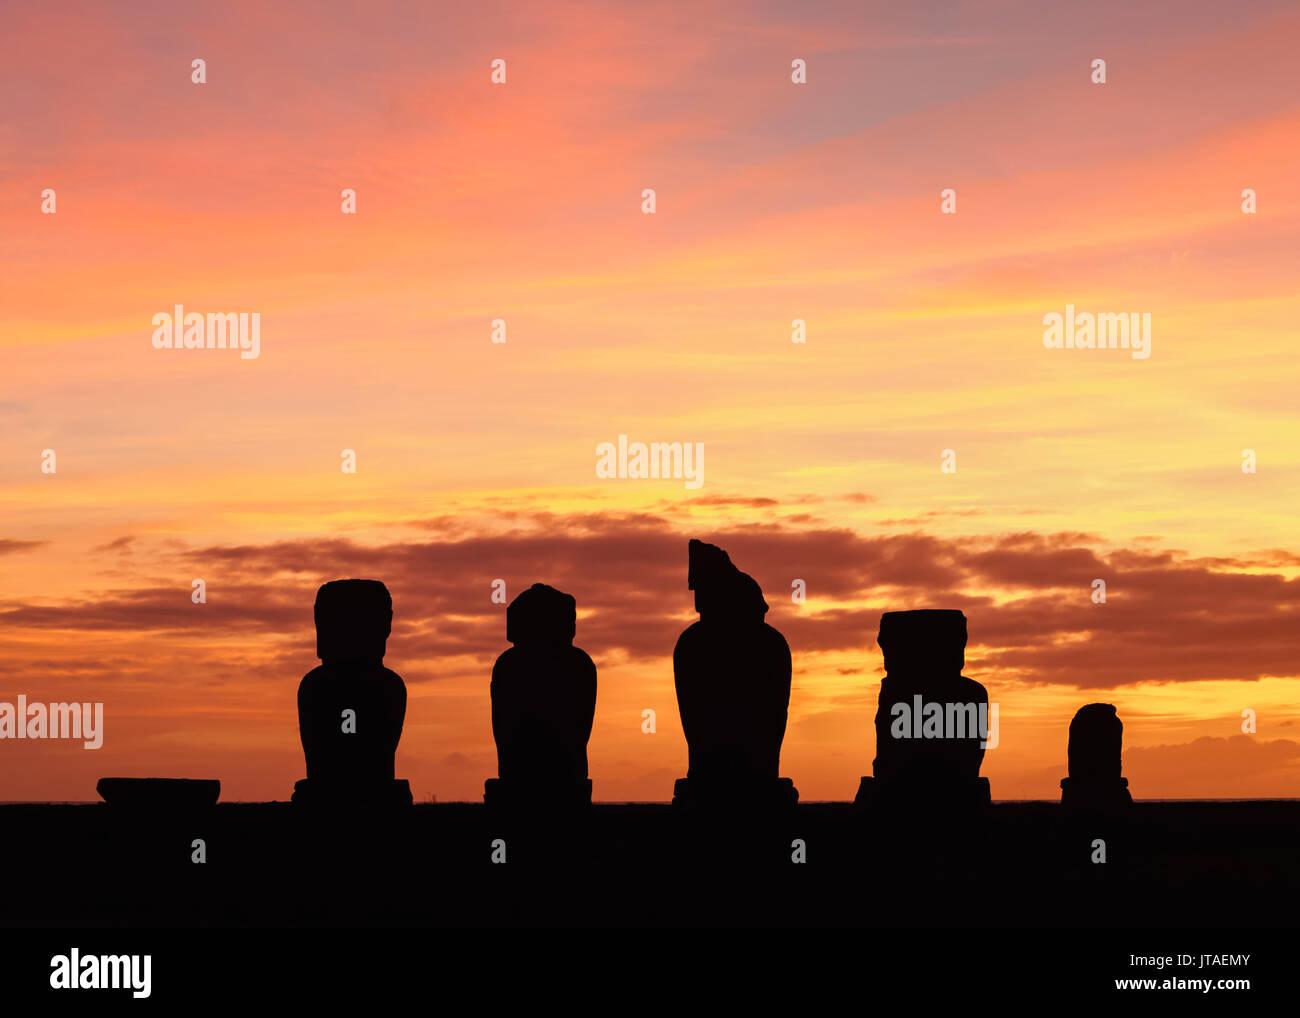 Moais de l'ahu Vai Uri au coucher du soleil, complexe archéologique Tahai, parc national de Rapa Nui, Site du patrimoine mondial de l'UNESCO, l'île de Pâques, Chili, Amérique du Sud Photo Stock